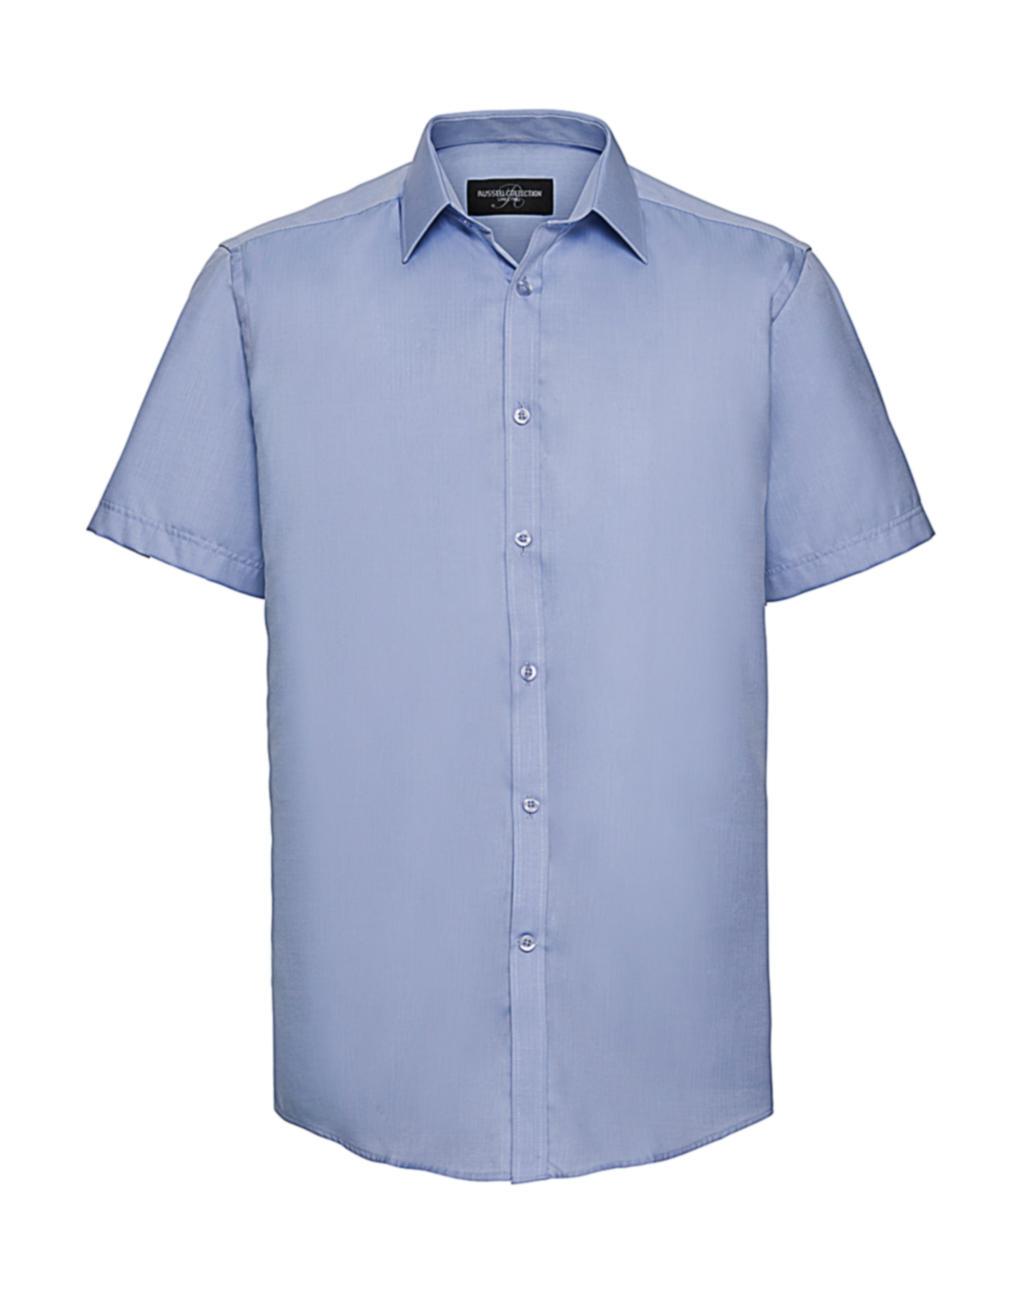 Pánská košile rybí kostra - zvìtšit obrázek